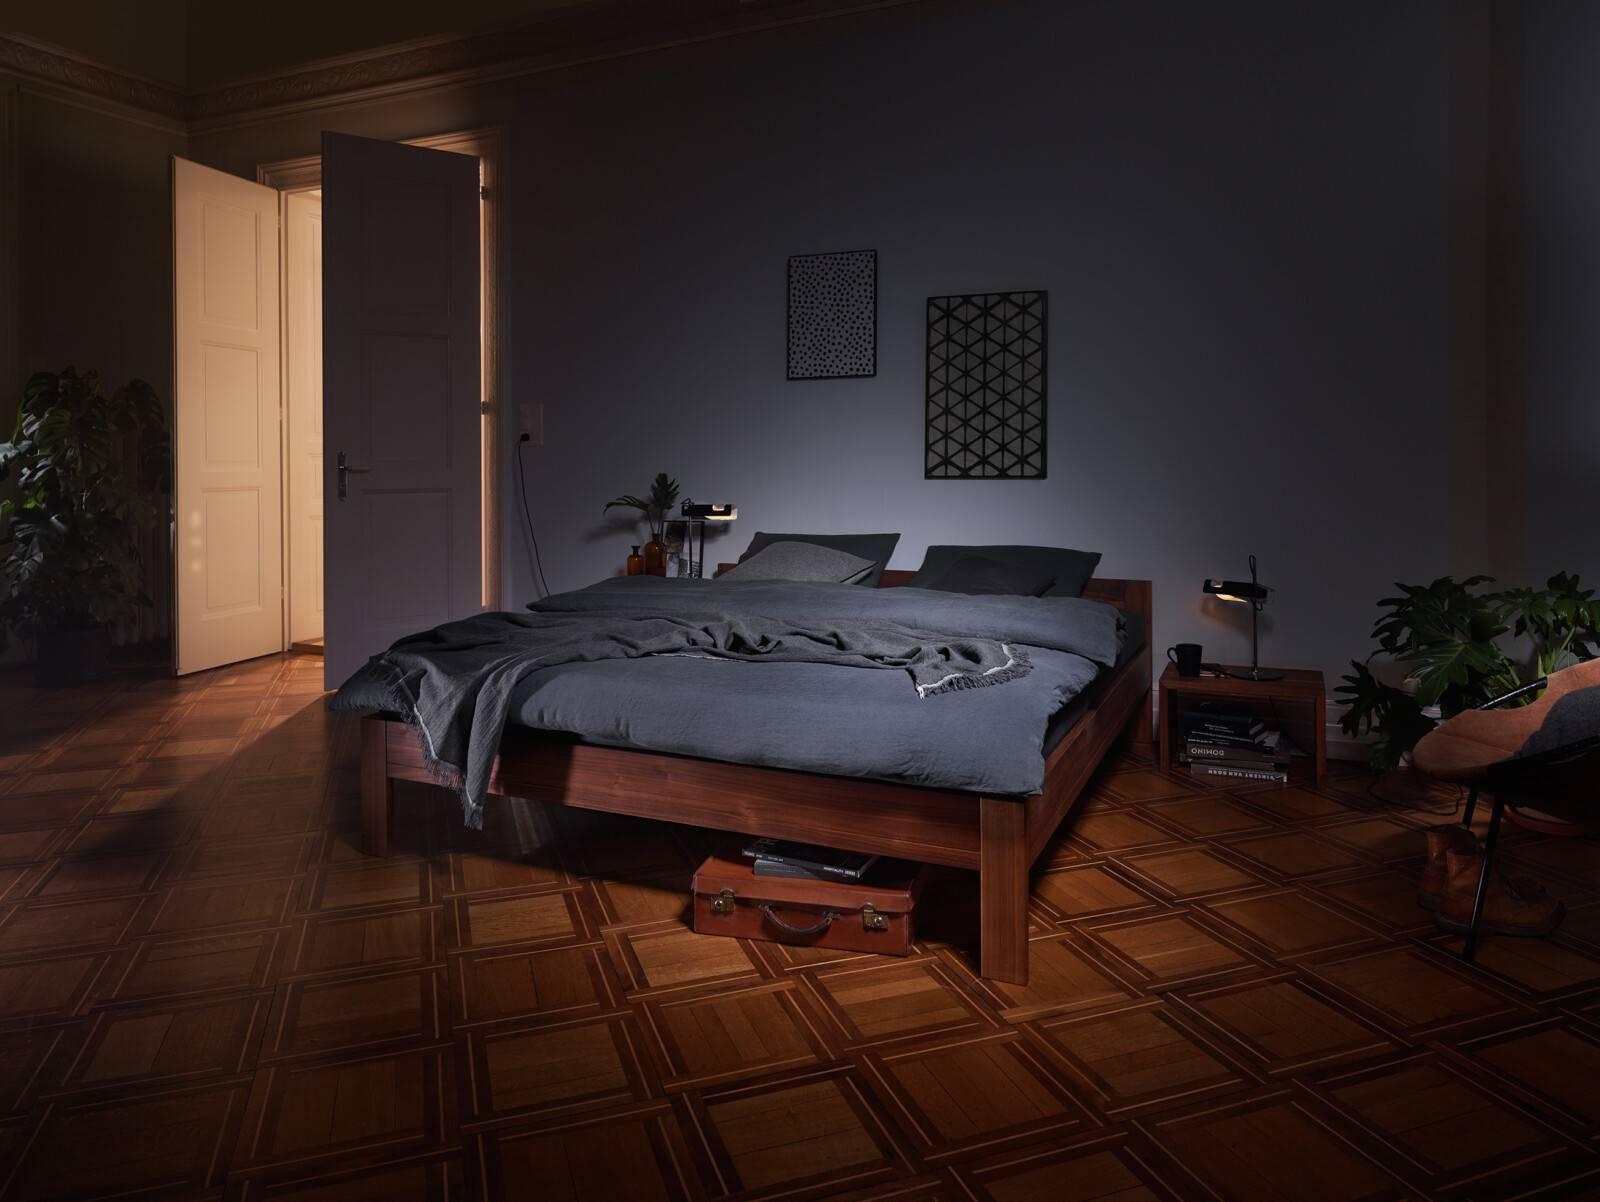 Full Size of Bestes Bett Home Hsler Nest Betten Günstig Kaufen 180x200 überlänge Mit Stauraum Rauch 140x200 120 X 200 200x200 Eiche Massiv Paidi Hülsta Boxspring Bett Bestes Bett